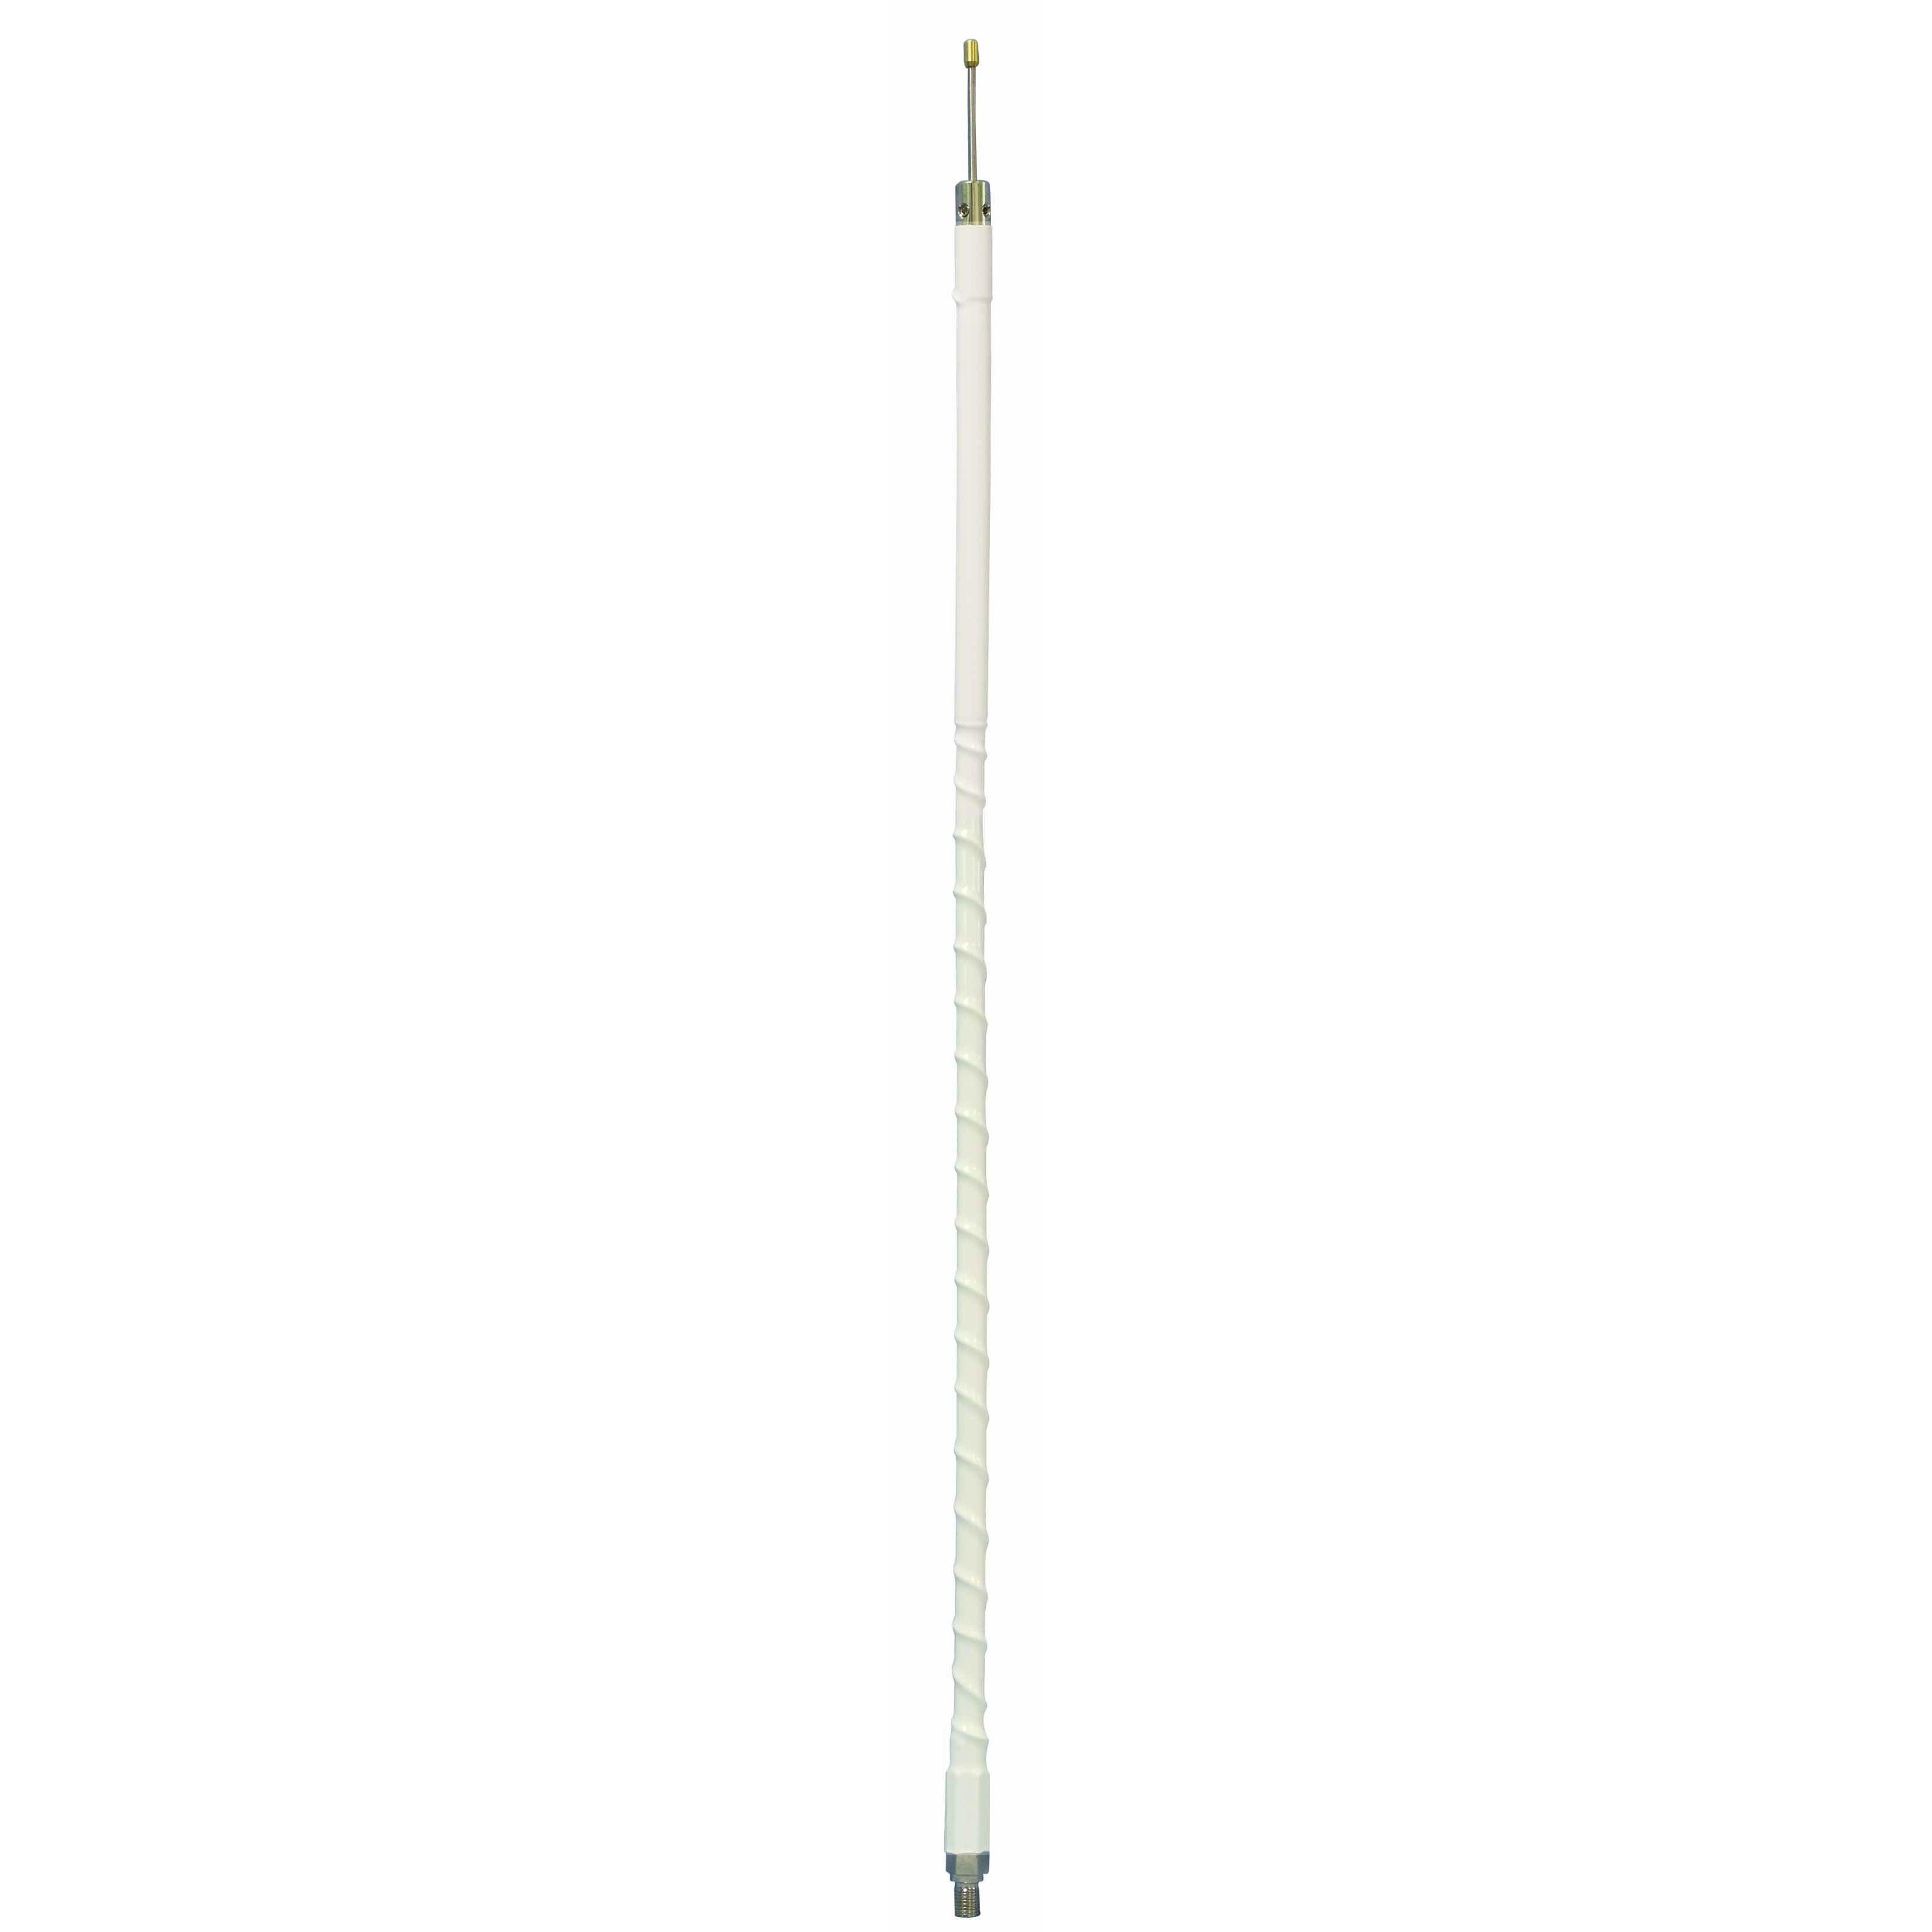 AUFLEX3-W - 3' White Superflex CB Antenna